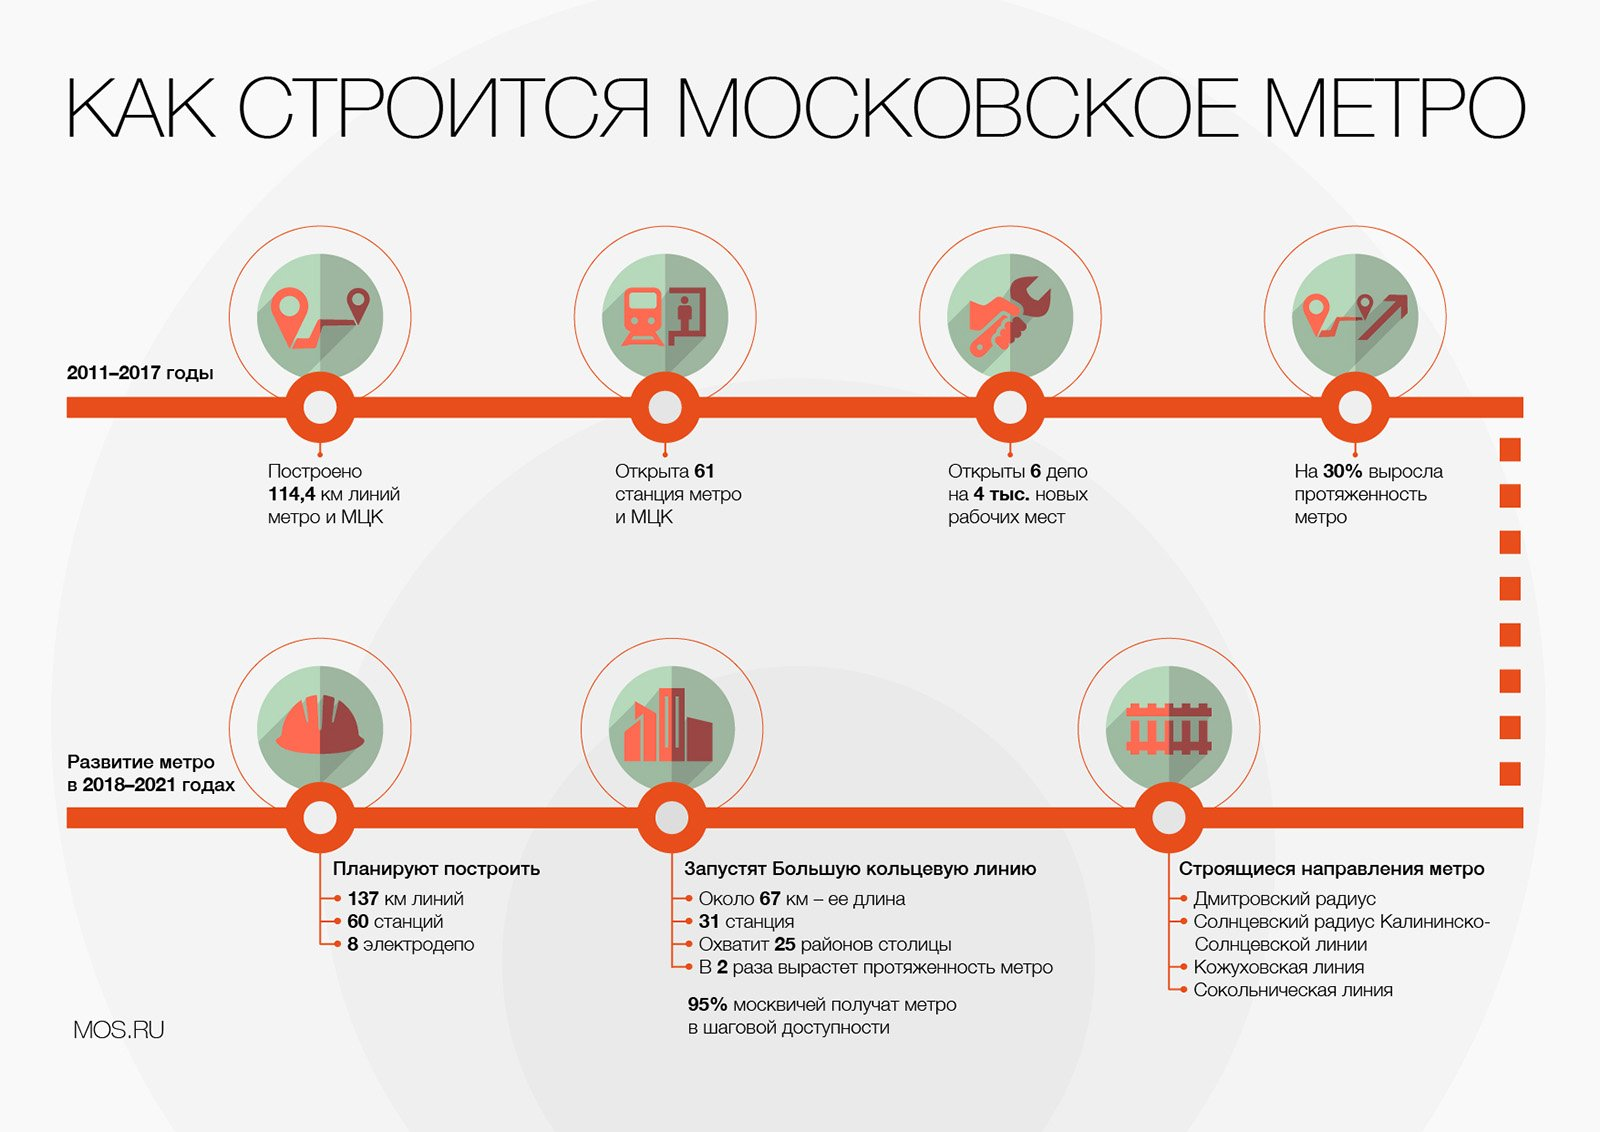 Как строится Московское метро